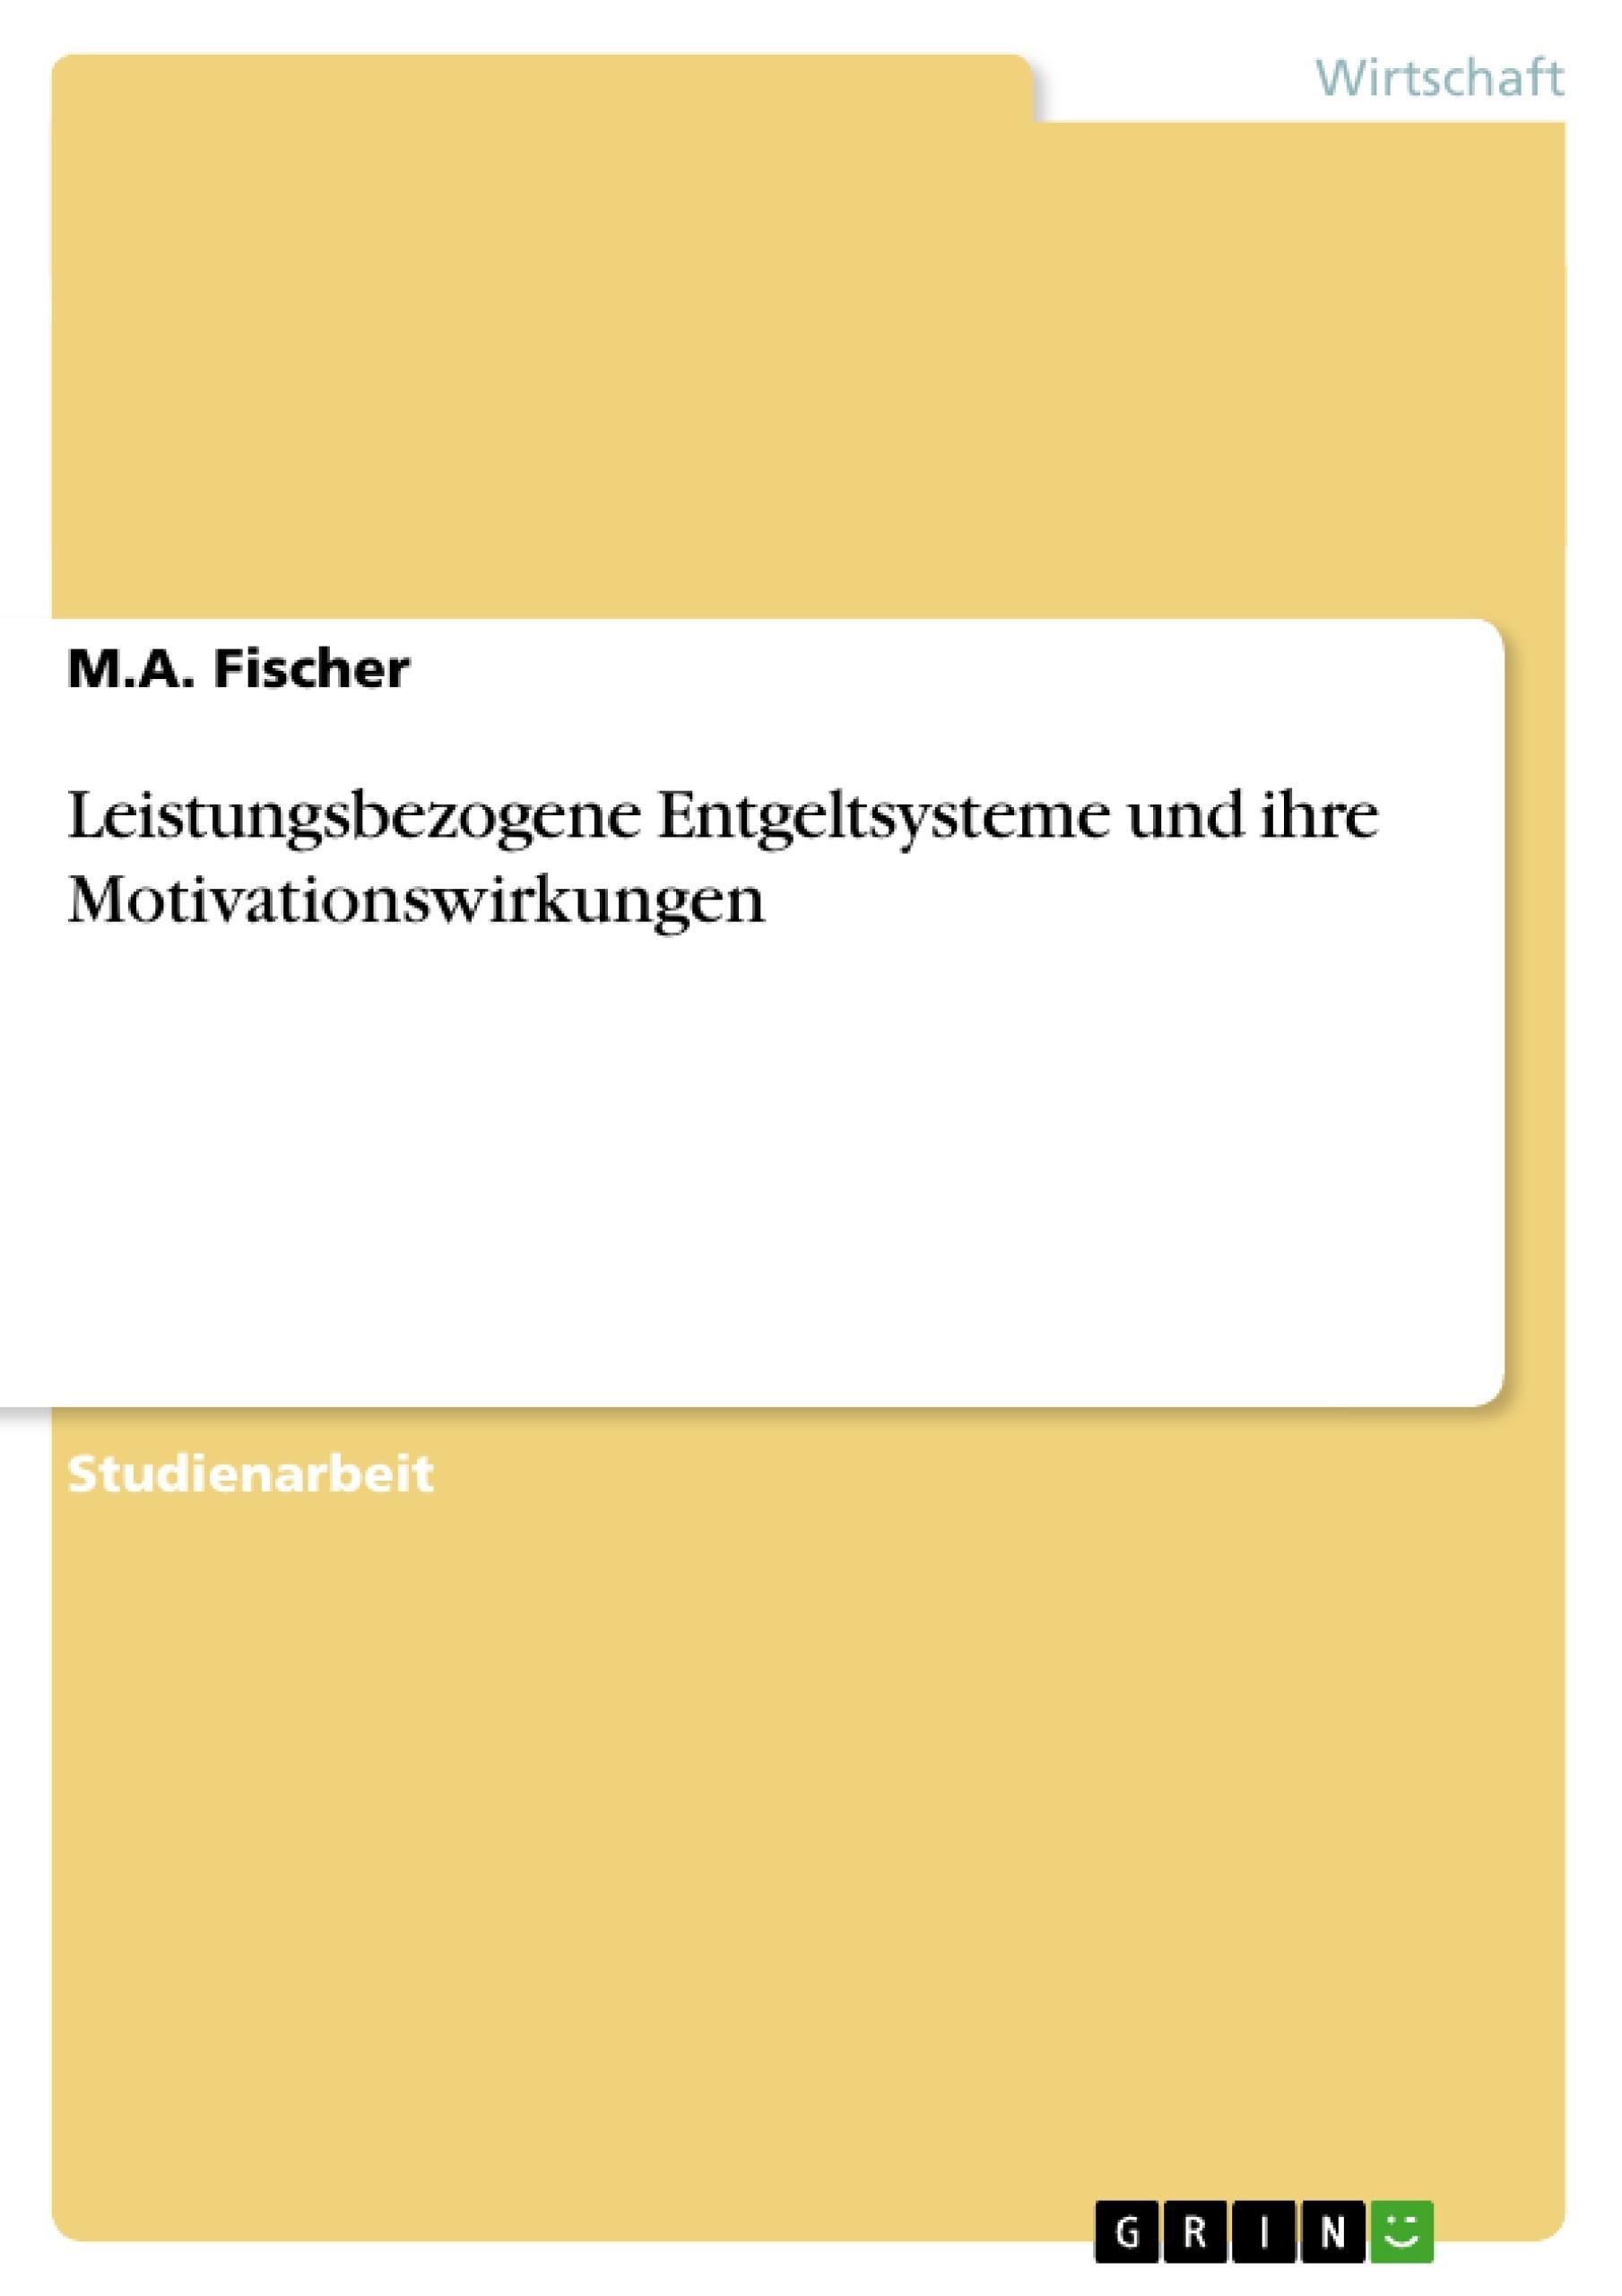 Titel: Leistungsbezogene Entgeltsysteme und ihre Motivationswirkungen